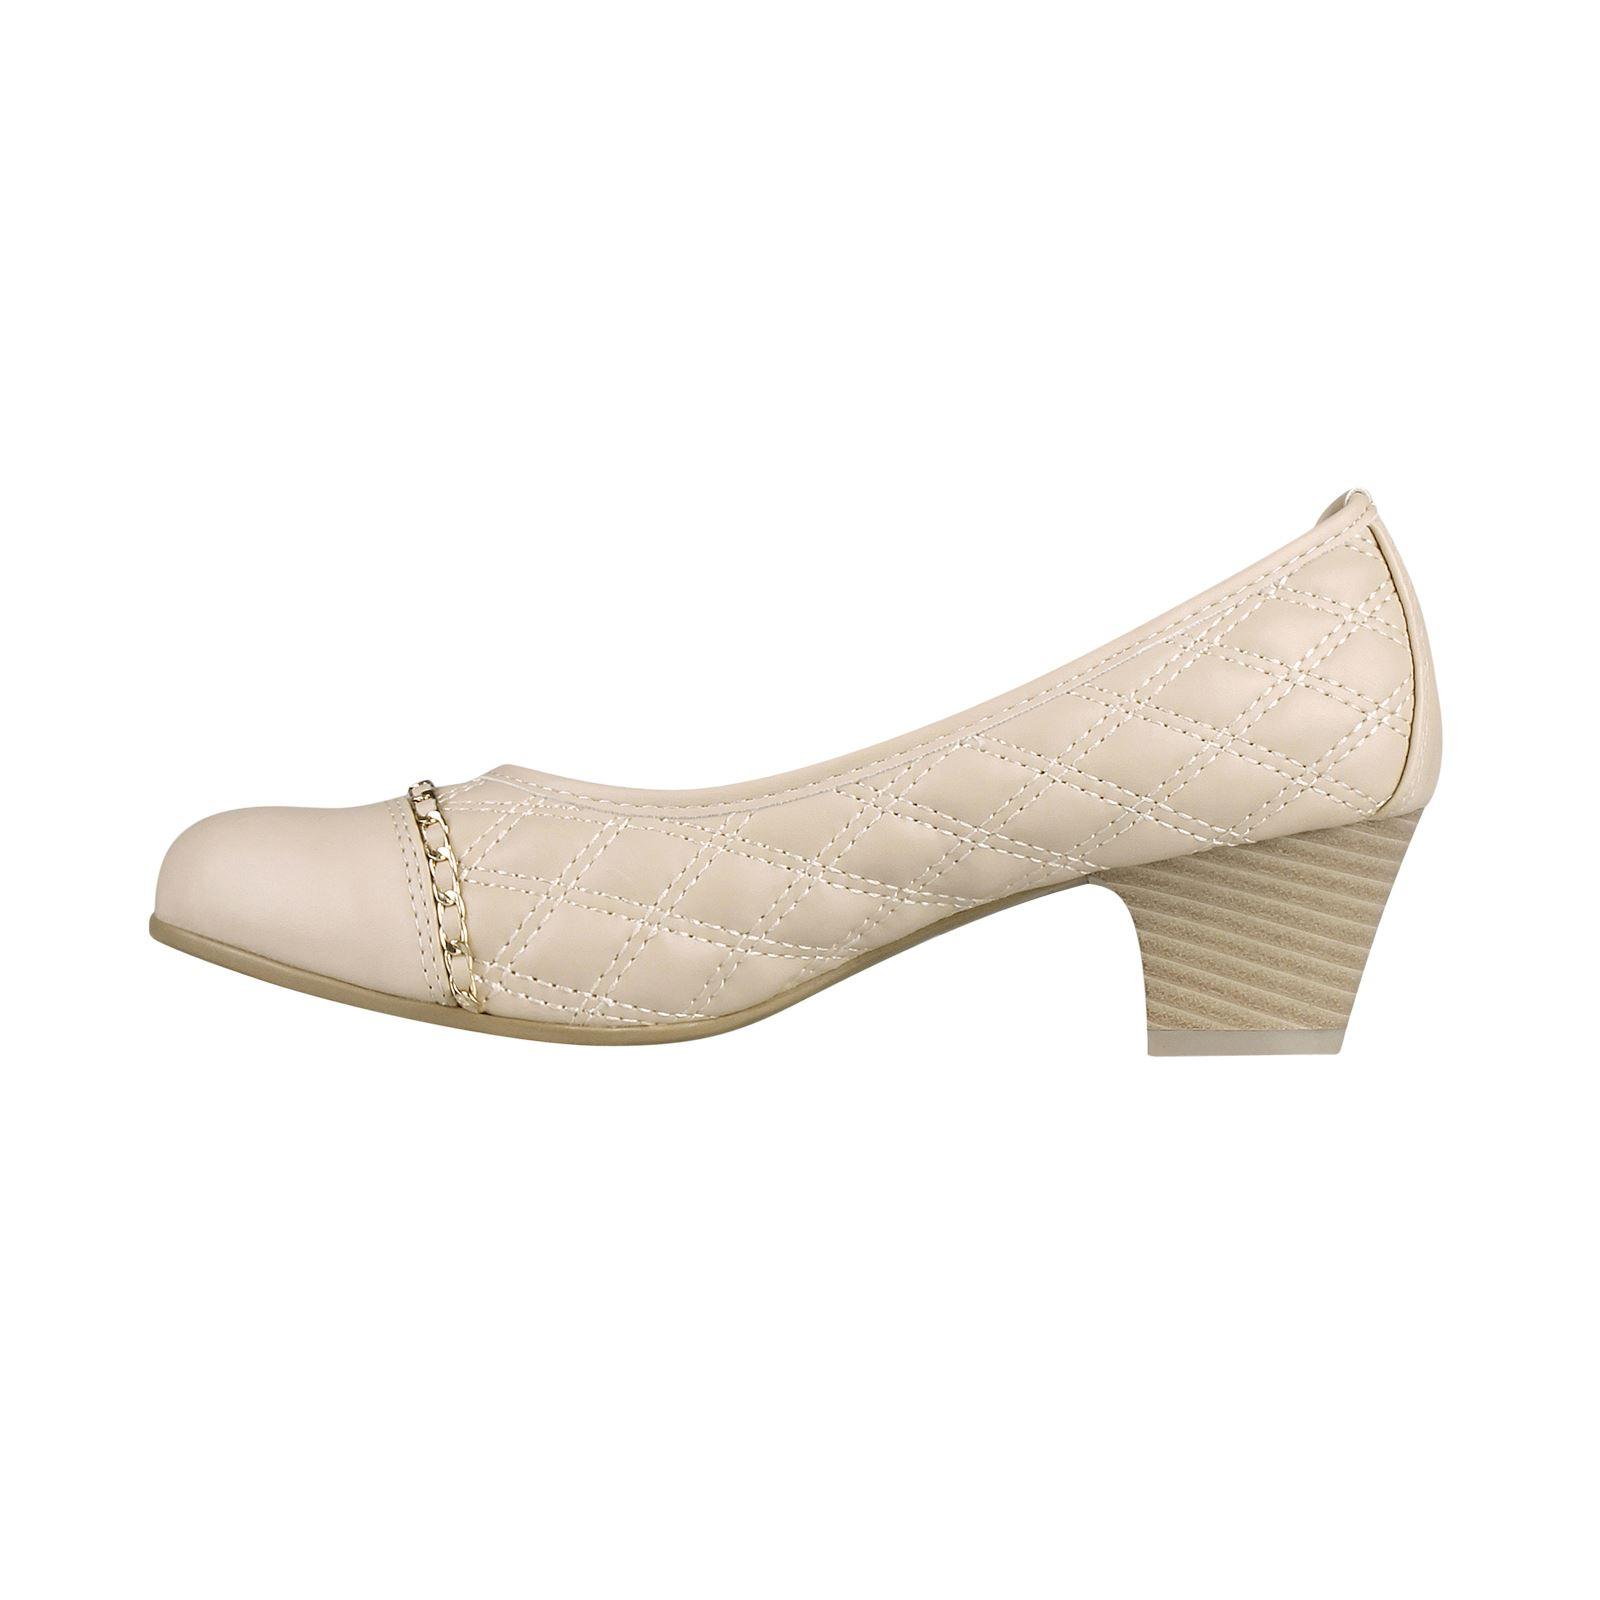 Damen Frauen Steppnähte Kitten-Heel Absatz Pumps Elegante Business Büro Schuhe